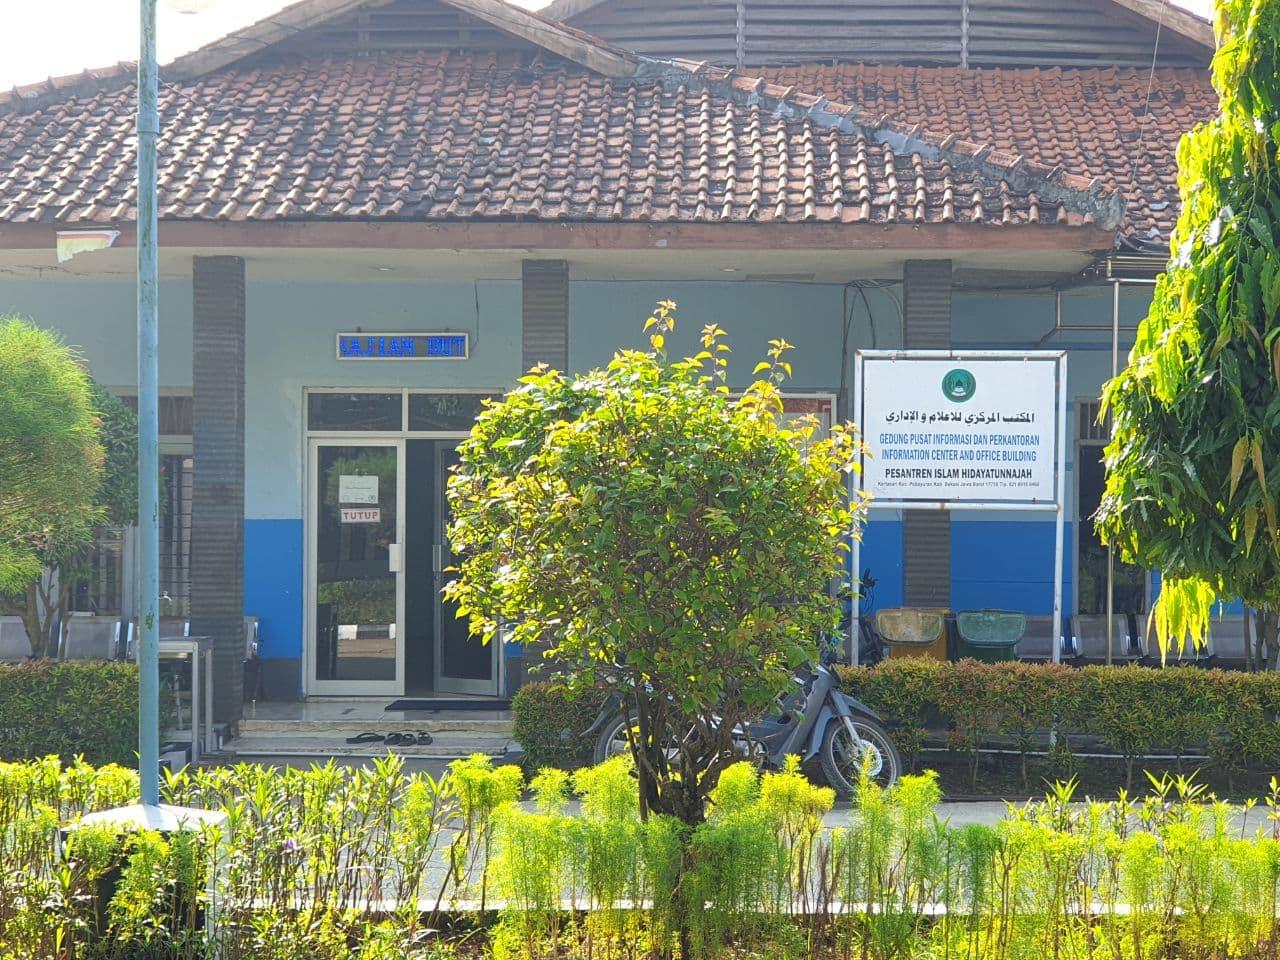 kantor_info2